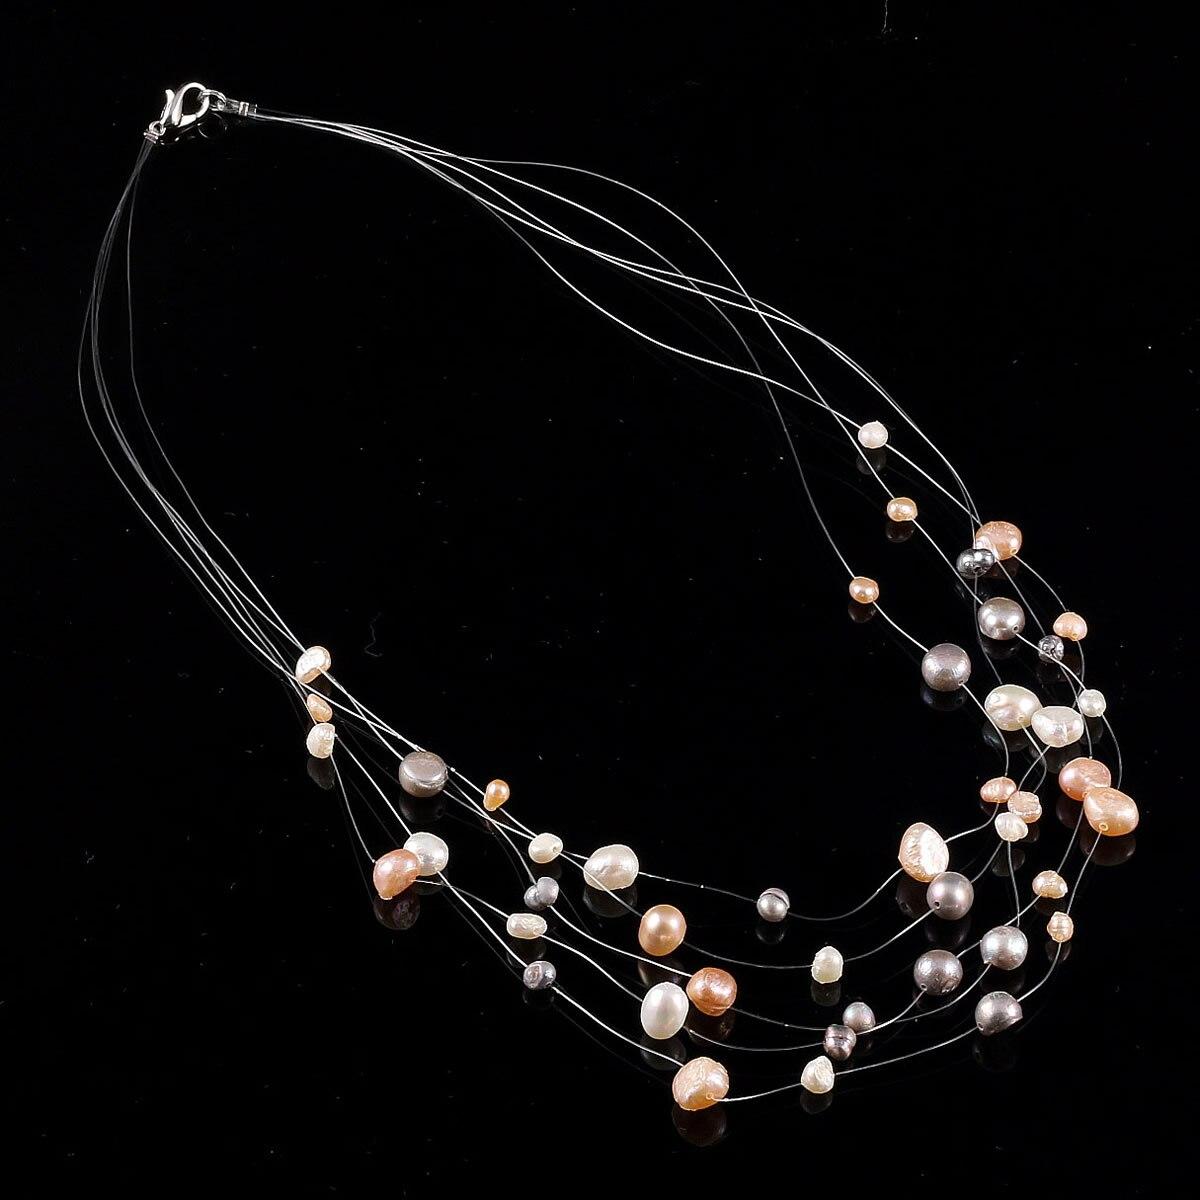 ¡Venta al por mayor! ¡Nuevo diseño! Hermoso collar de perlas de agua dulce/collares de moda al por menor para mujeres 2020 Declaración